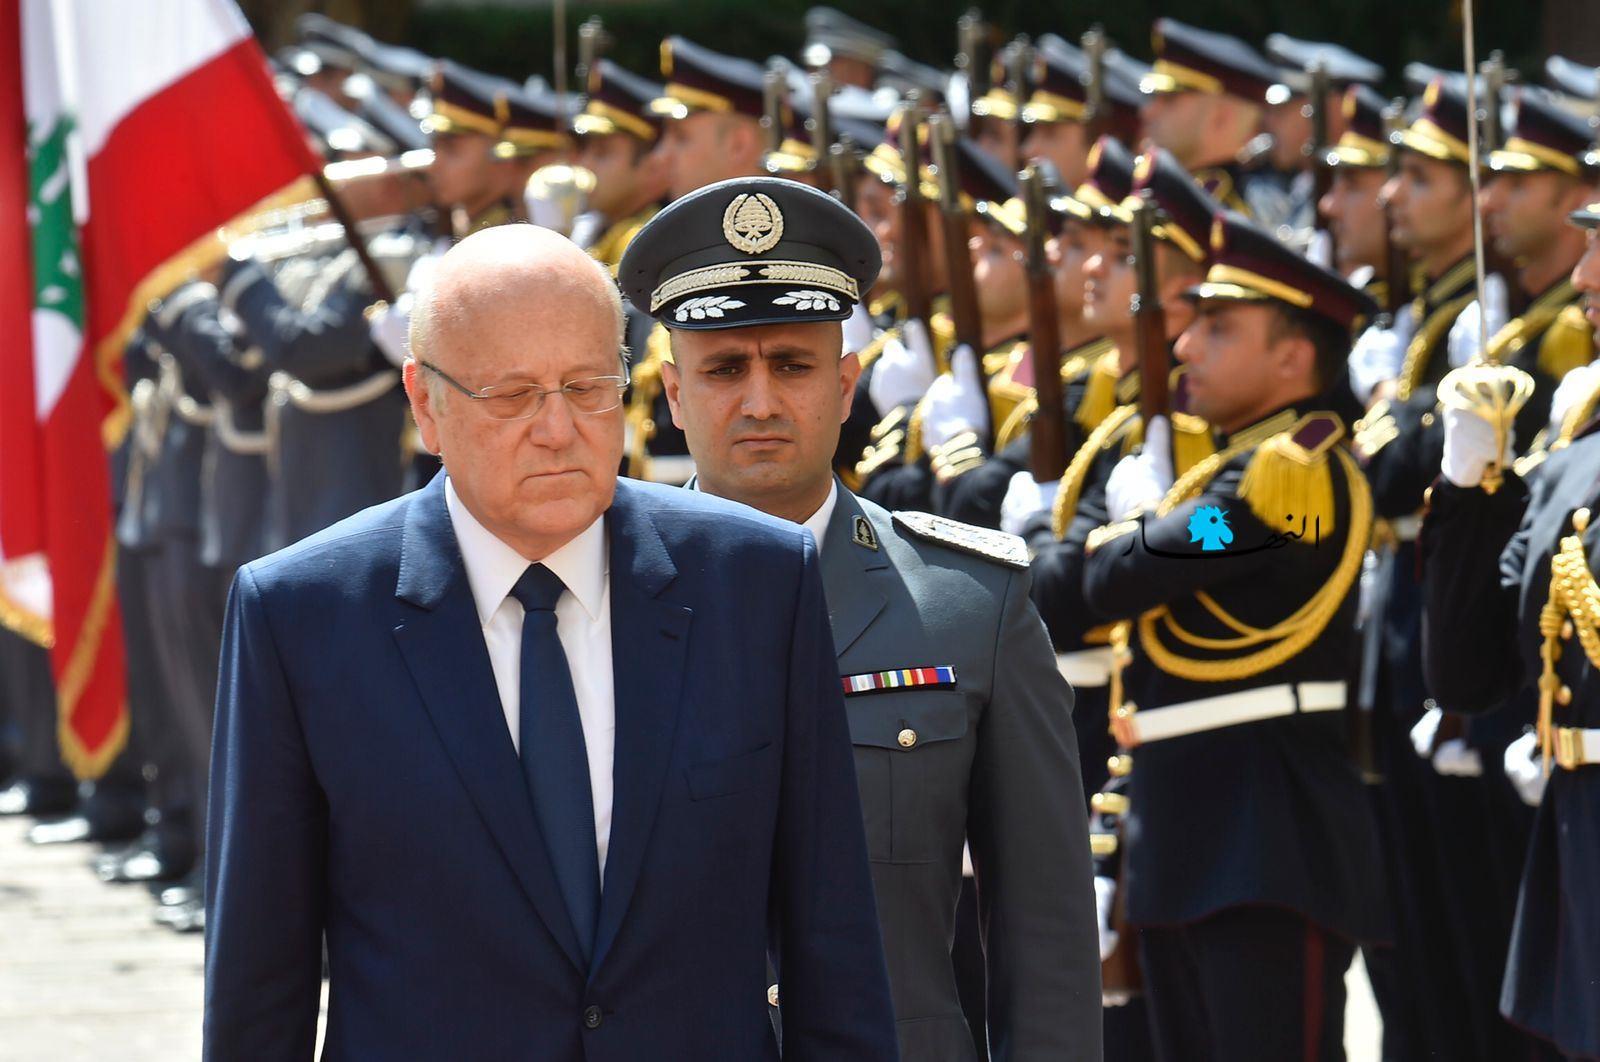 حكومة لبنان وميقاتي الحزين:هل في جعبته من حلول؟